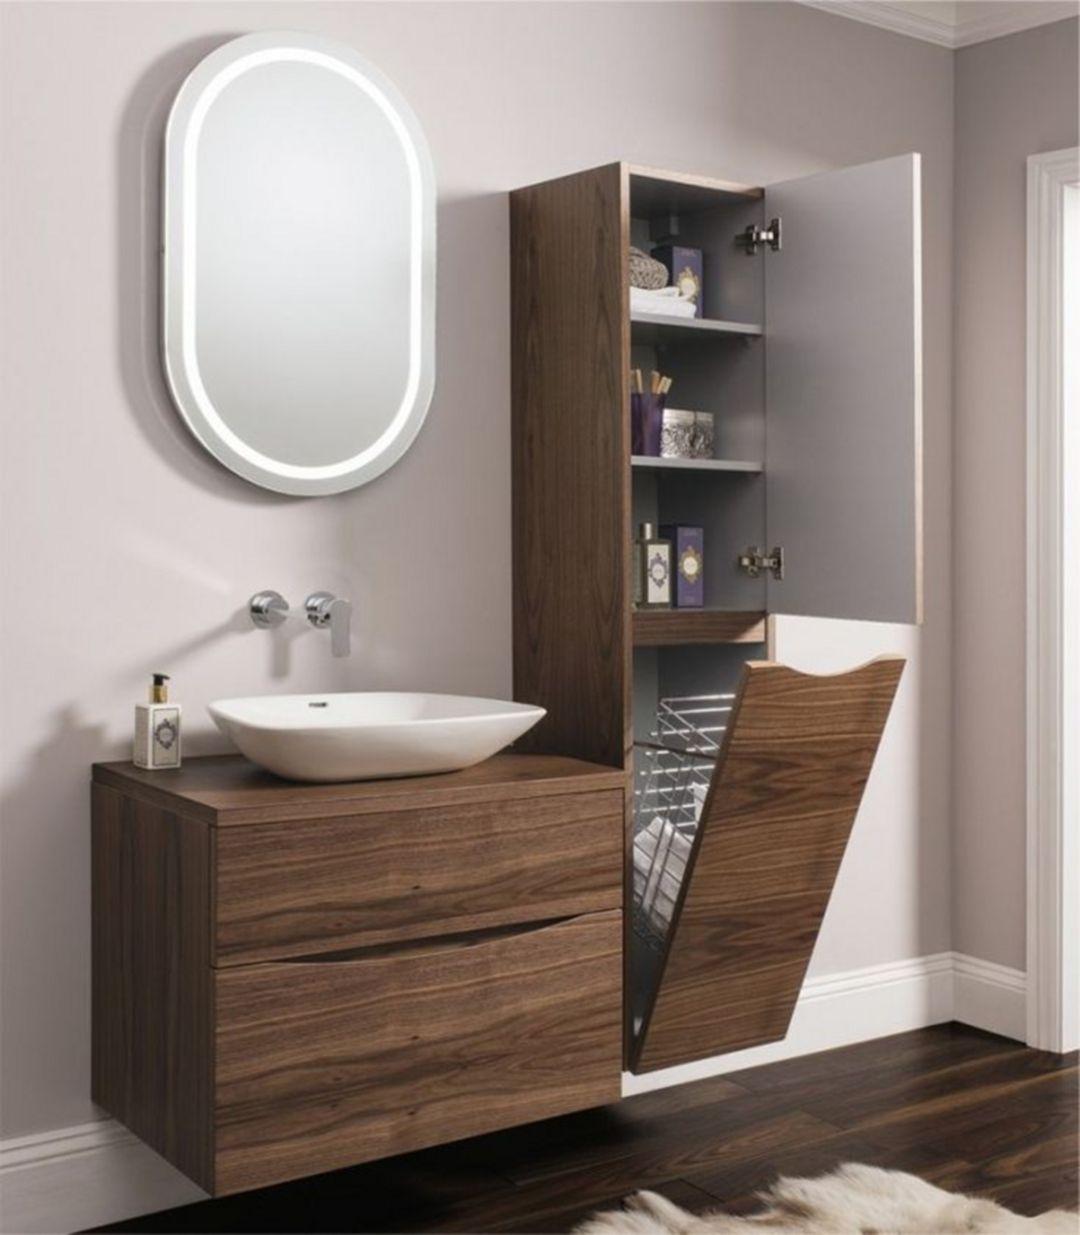 20 Unique Furniture Design Ideas To Amaze Your Home Decoration Unique Furniture Design Bathroom Furniture Storage Bathroom Interior Design Bathroom furniture design ideas